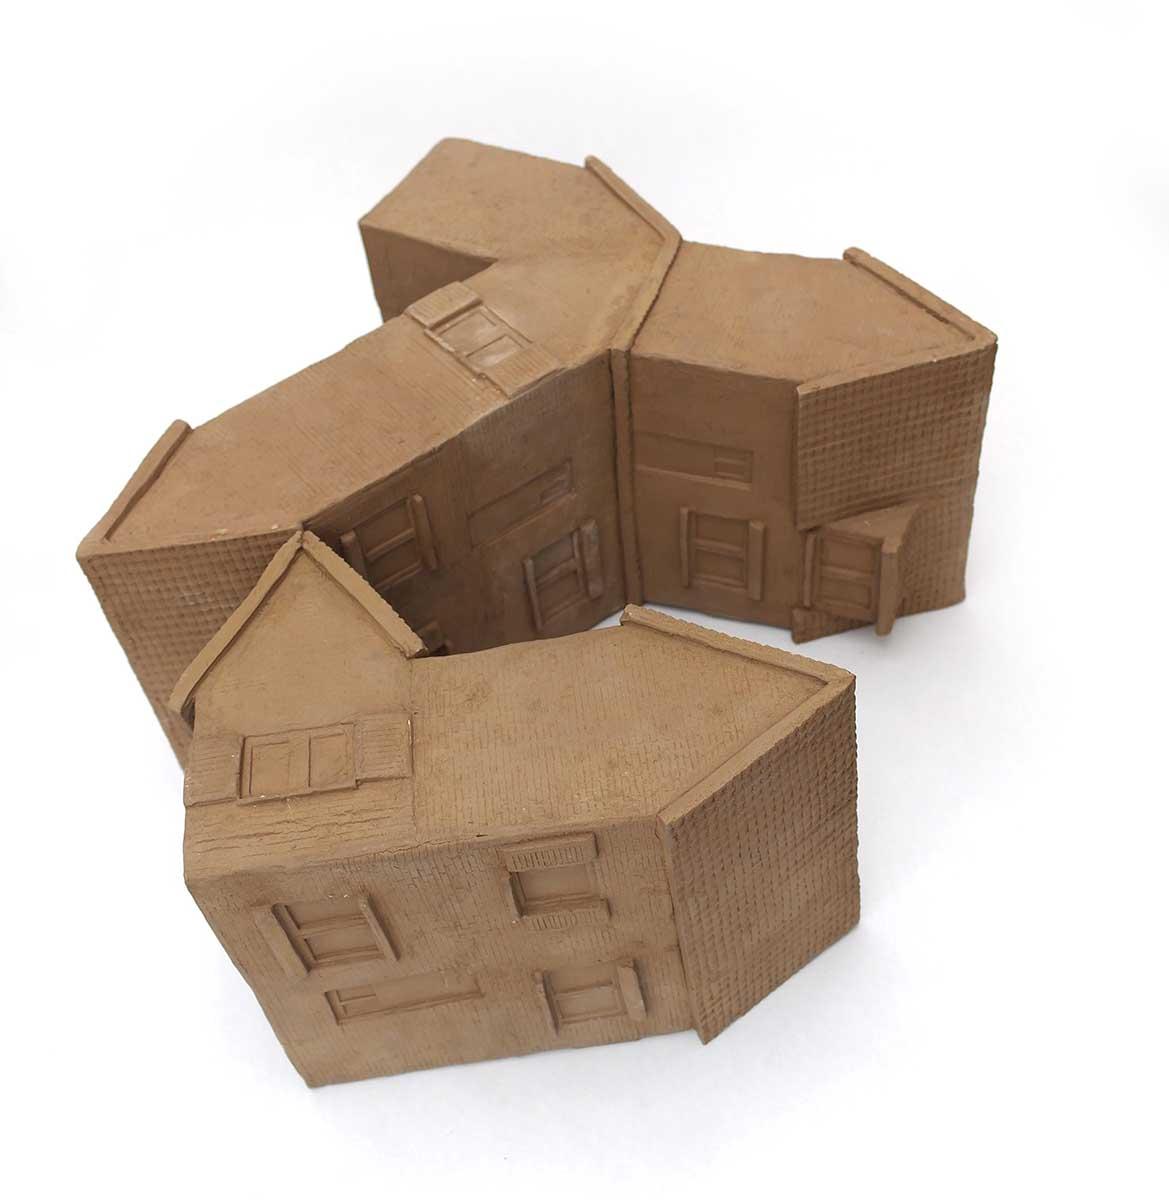 Assemblage de maisons. Terres cuites nues.